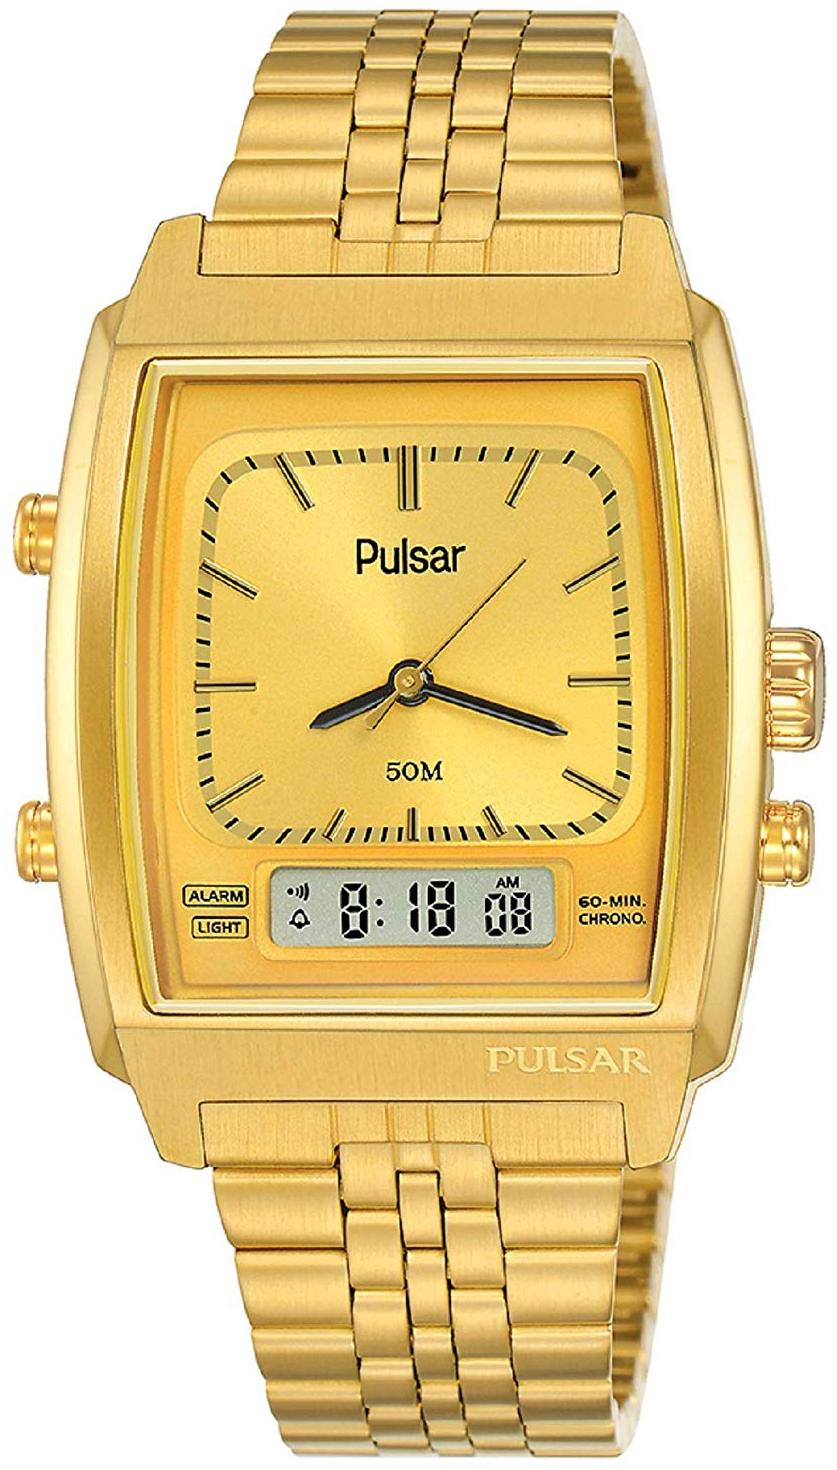 Pulsar 99999 Herreur PBK036X2 Guldfarvet/Gul guldtonet stål